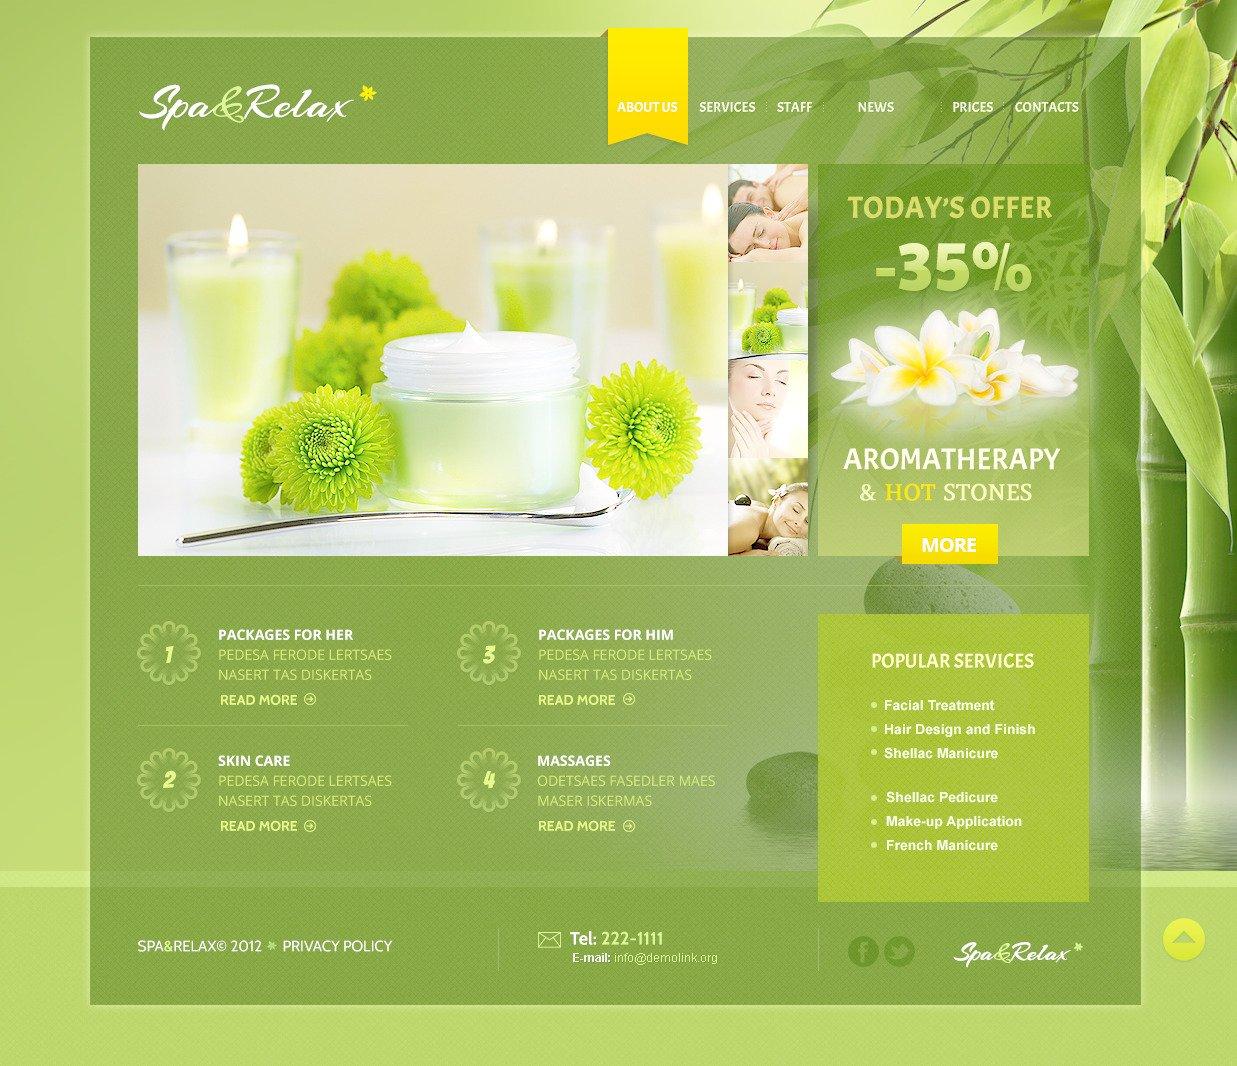 Template Photoshop para Sites de Salão de Beleza №57404